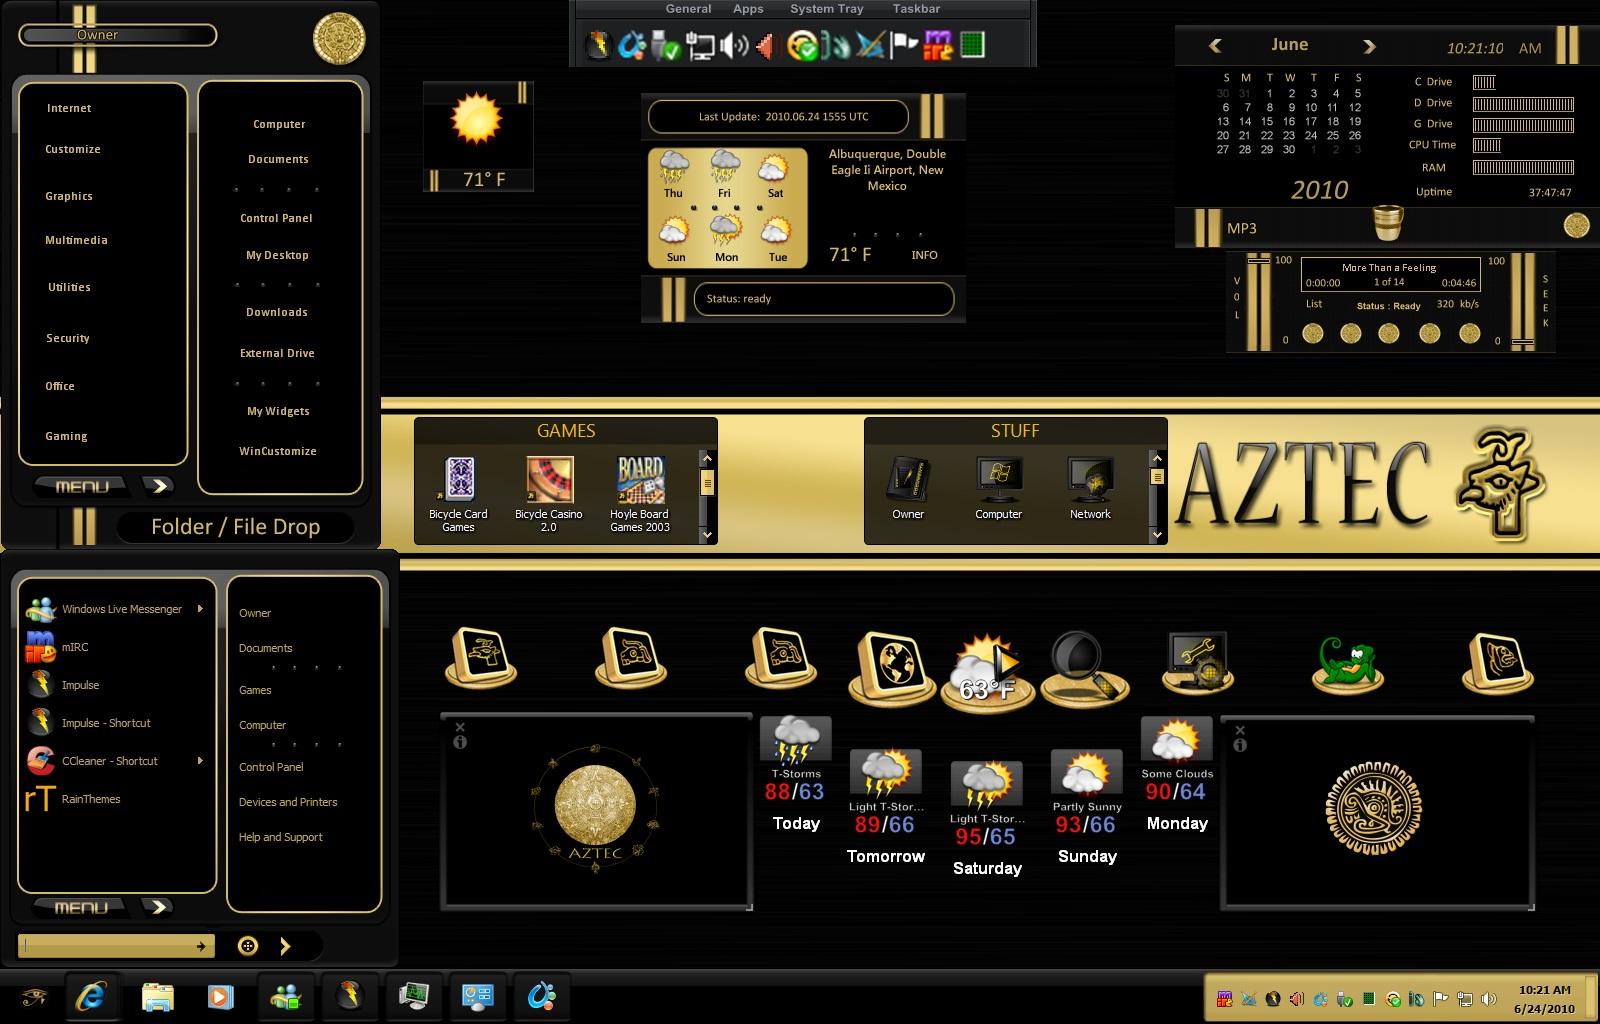 Aztec (TM Suite)